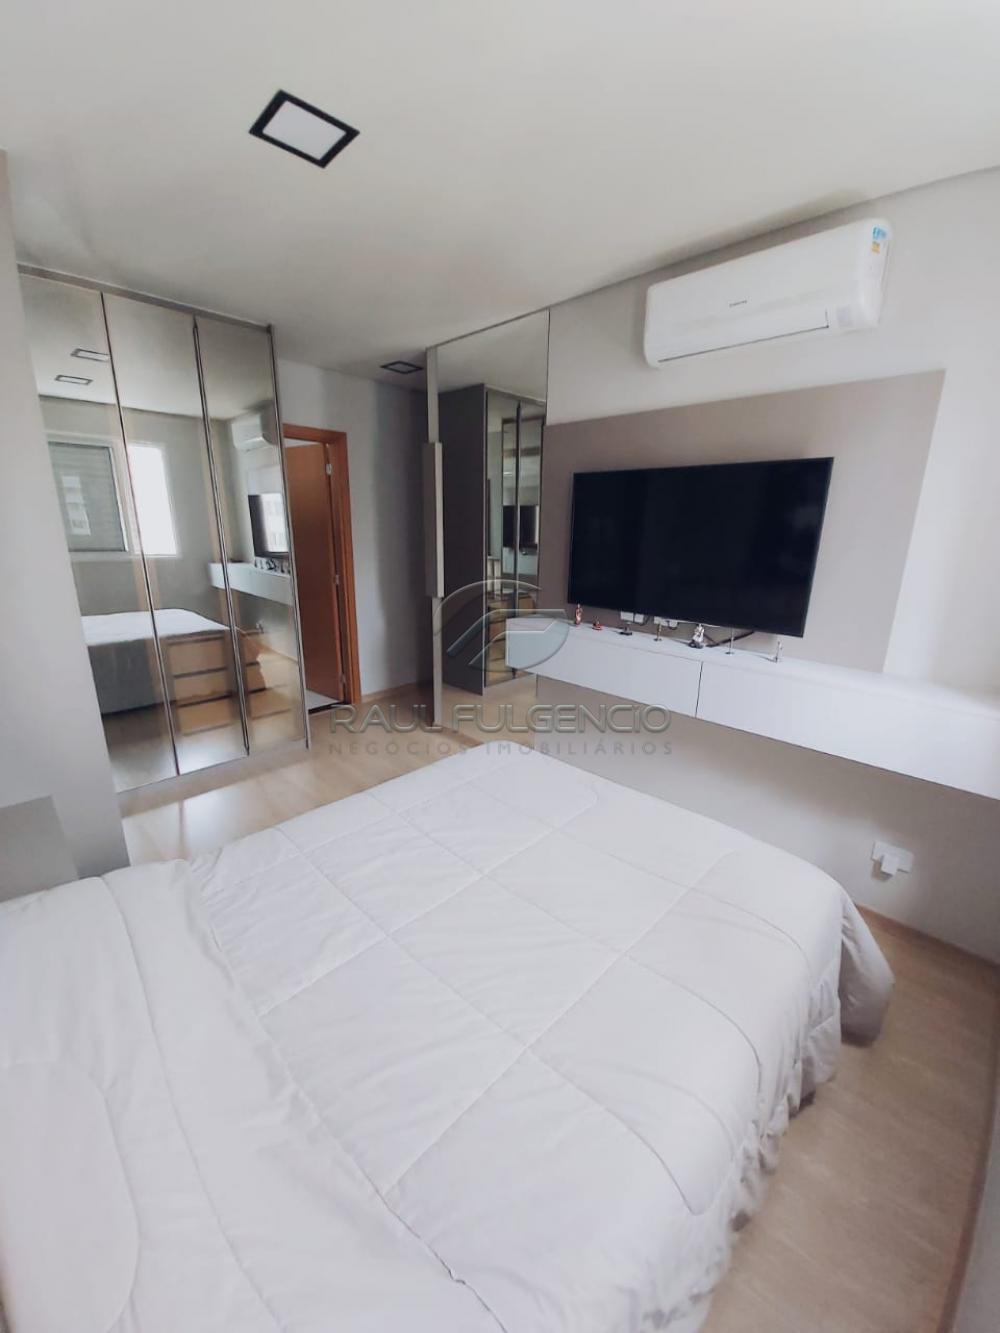 Comprar Apartamento / Padrão em Londrina apenas R$ 545.000,00 - Foto 22